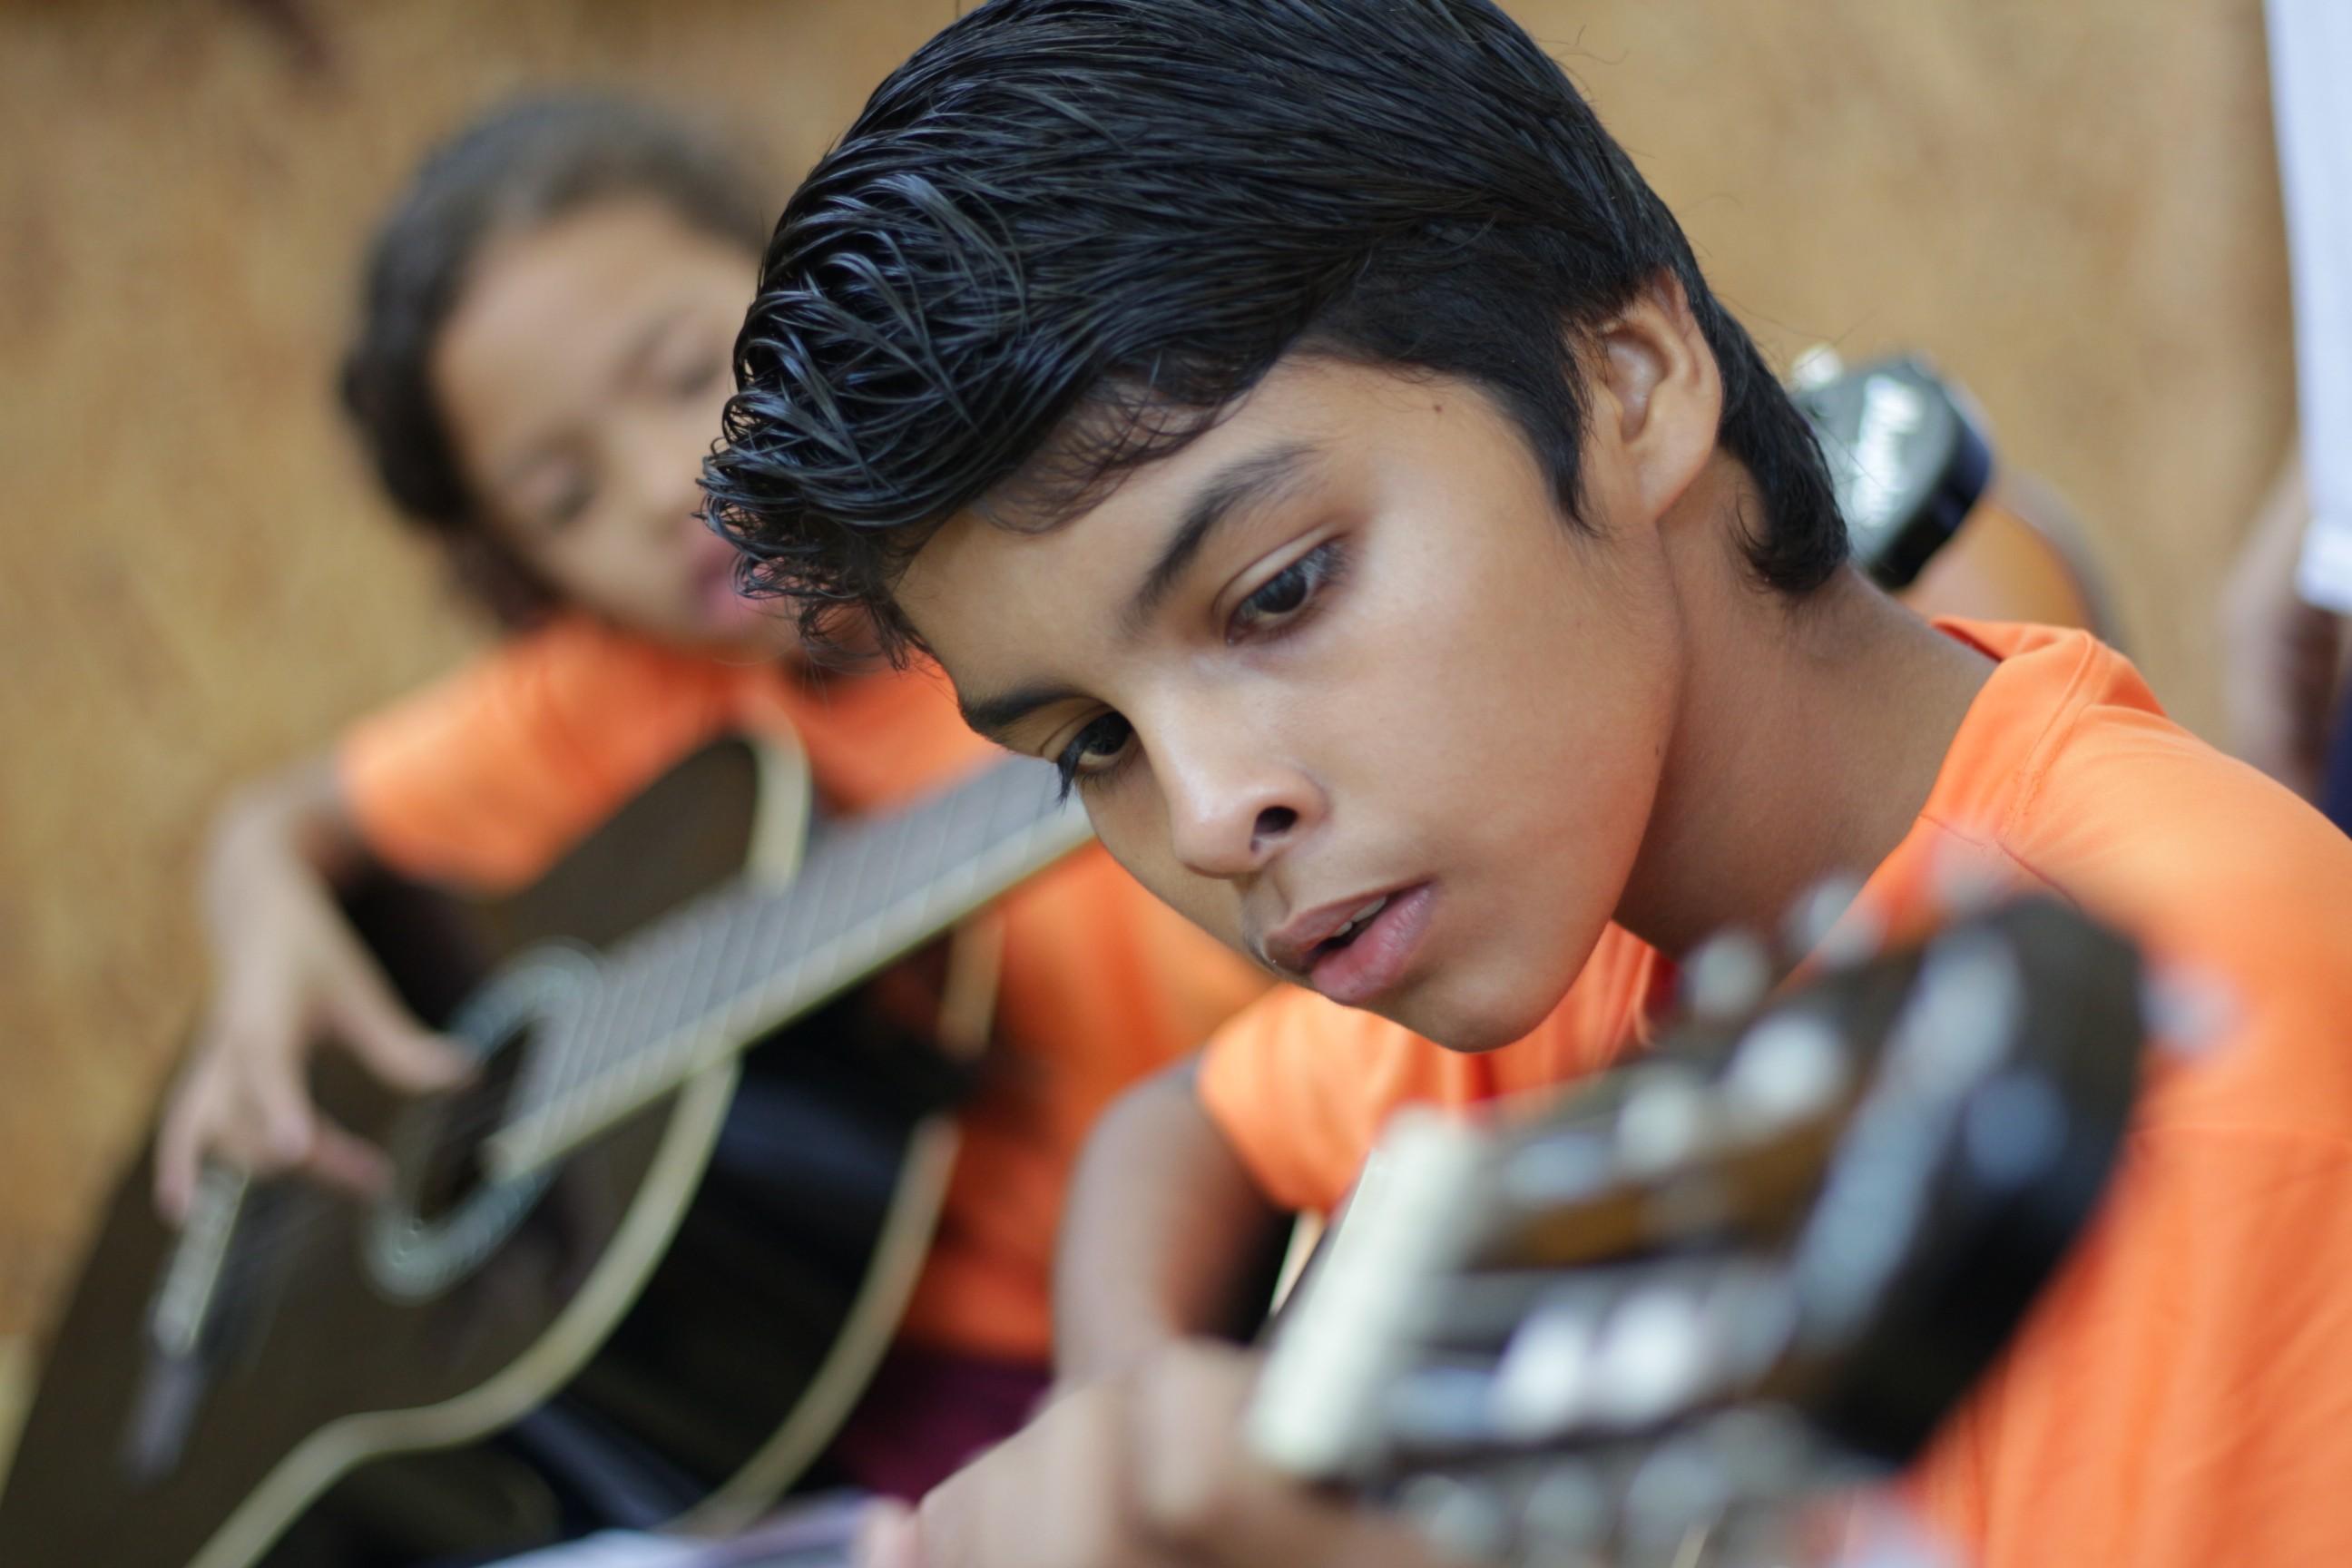 Programa Cubatão Sinfonia retoma aulas presenciais a partir de terça-feira